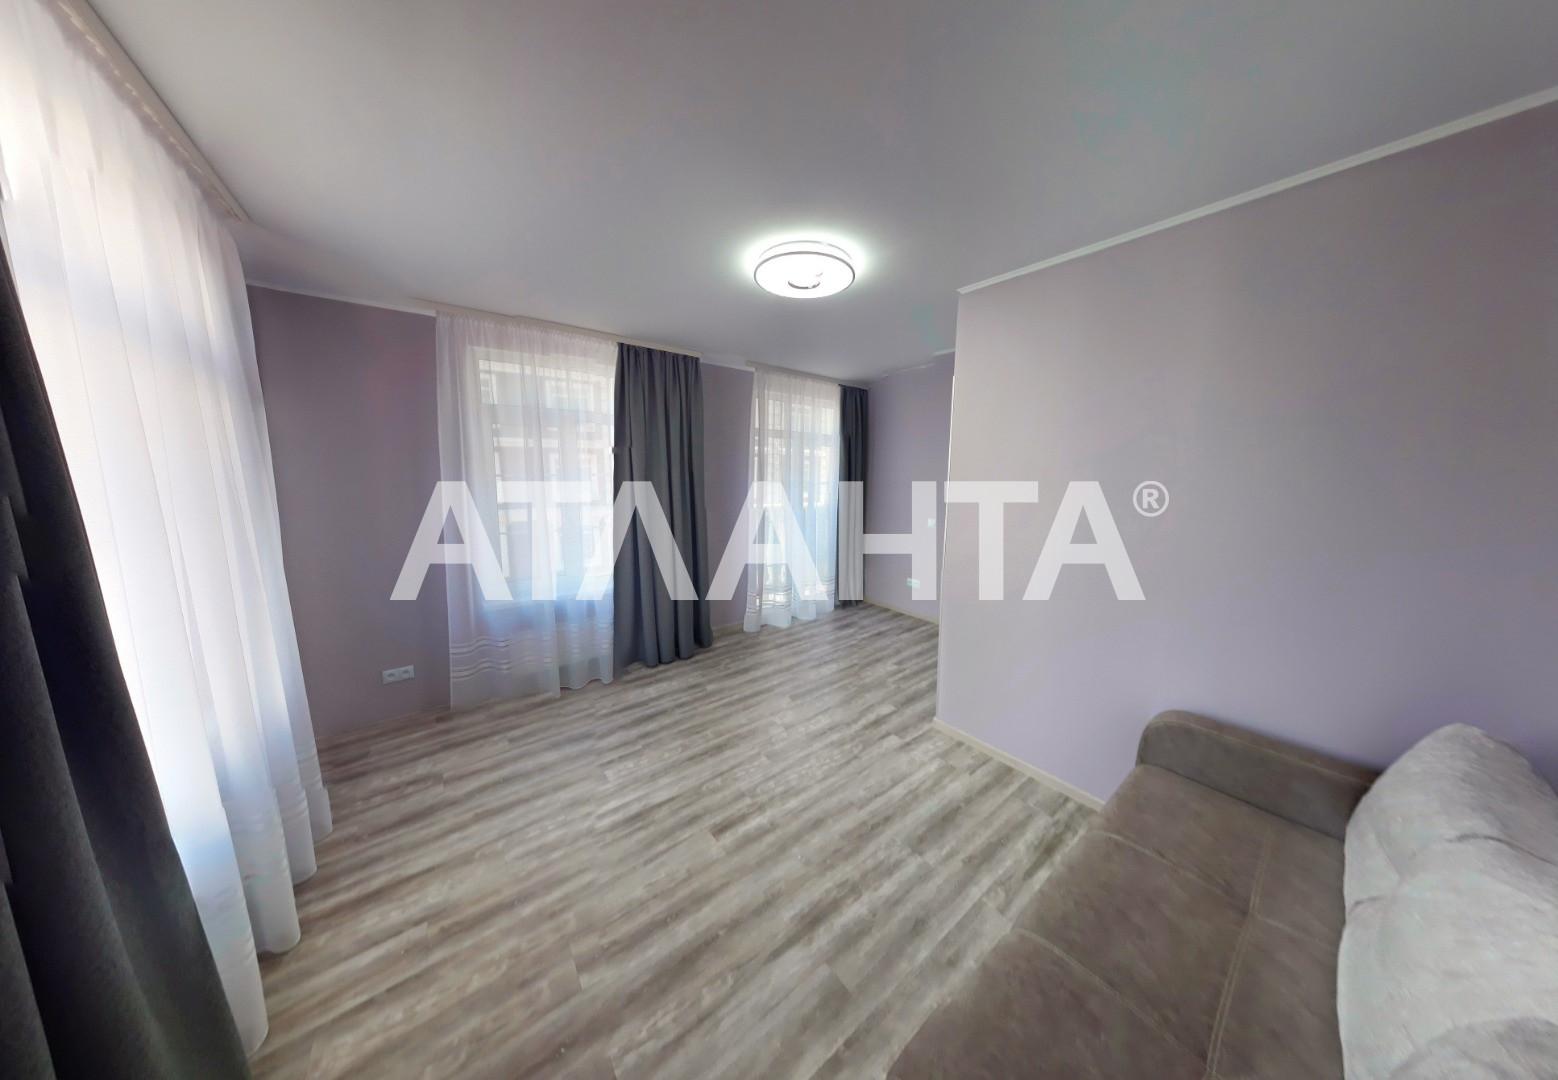 Продается 1-комнатная Квартира на ул. Ул. Луценко Дмитрия — 58 000 у.е. (фото №7)